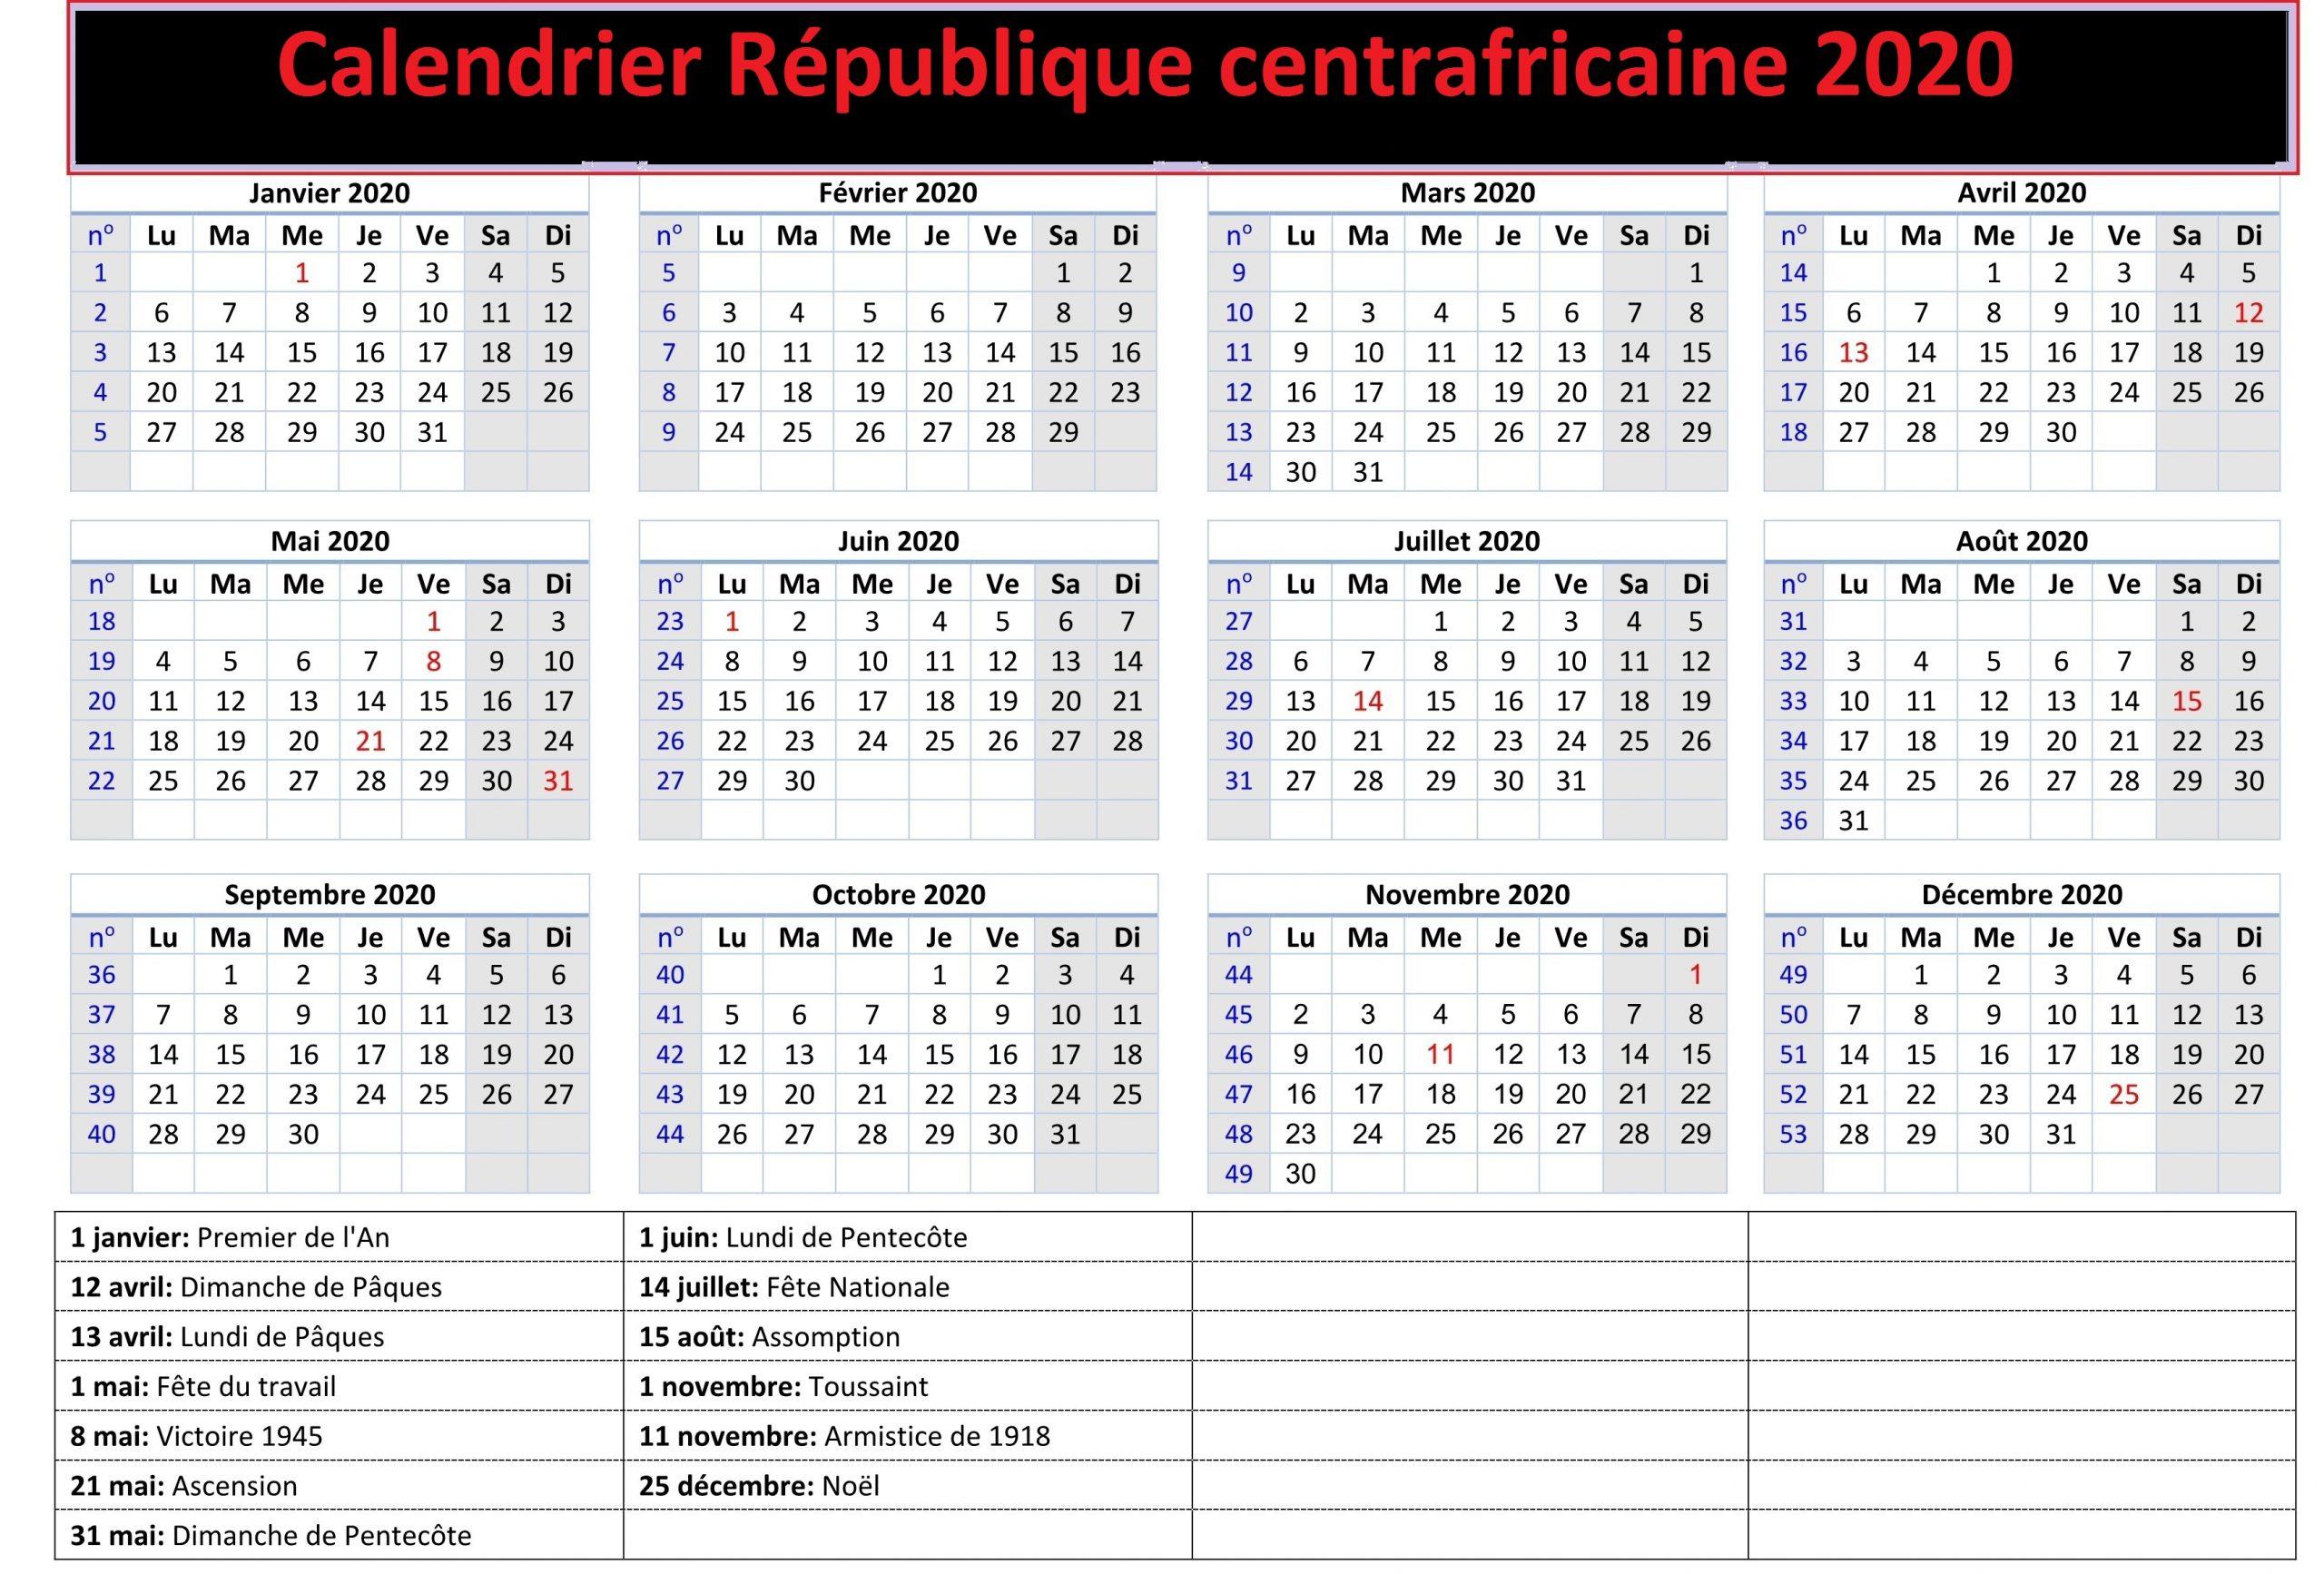 Calendrier de la République centrafricaine 2020 Washington